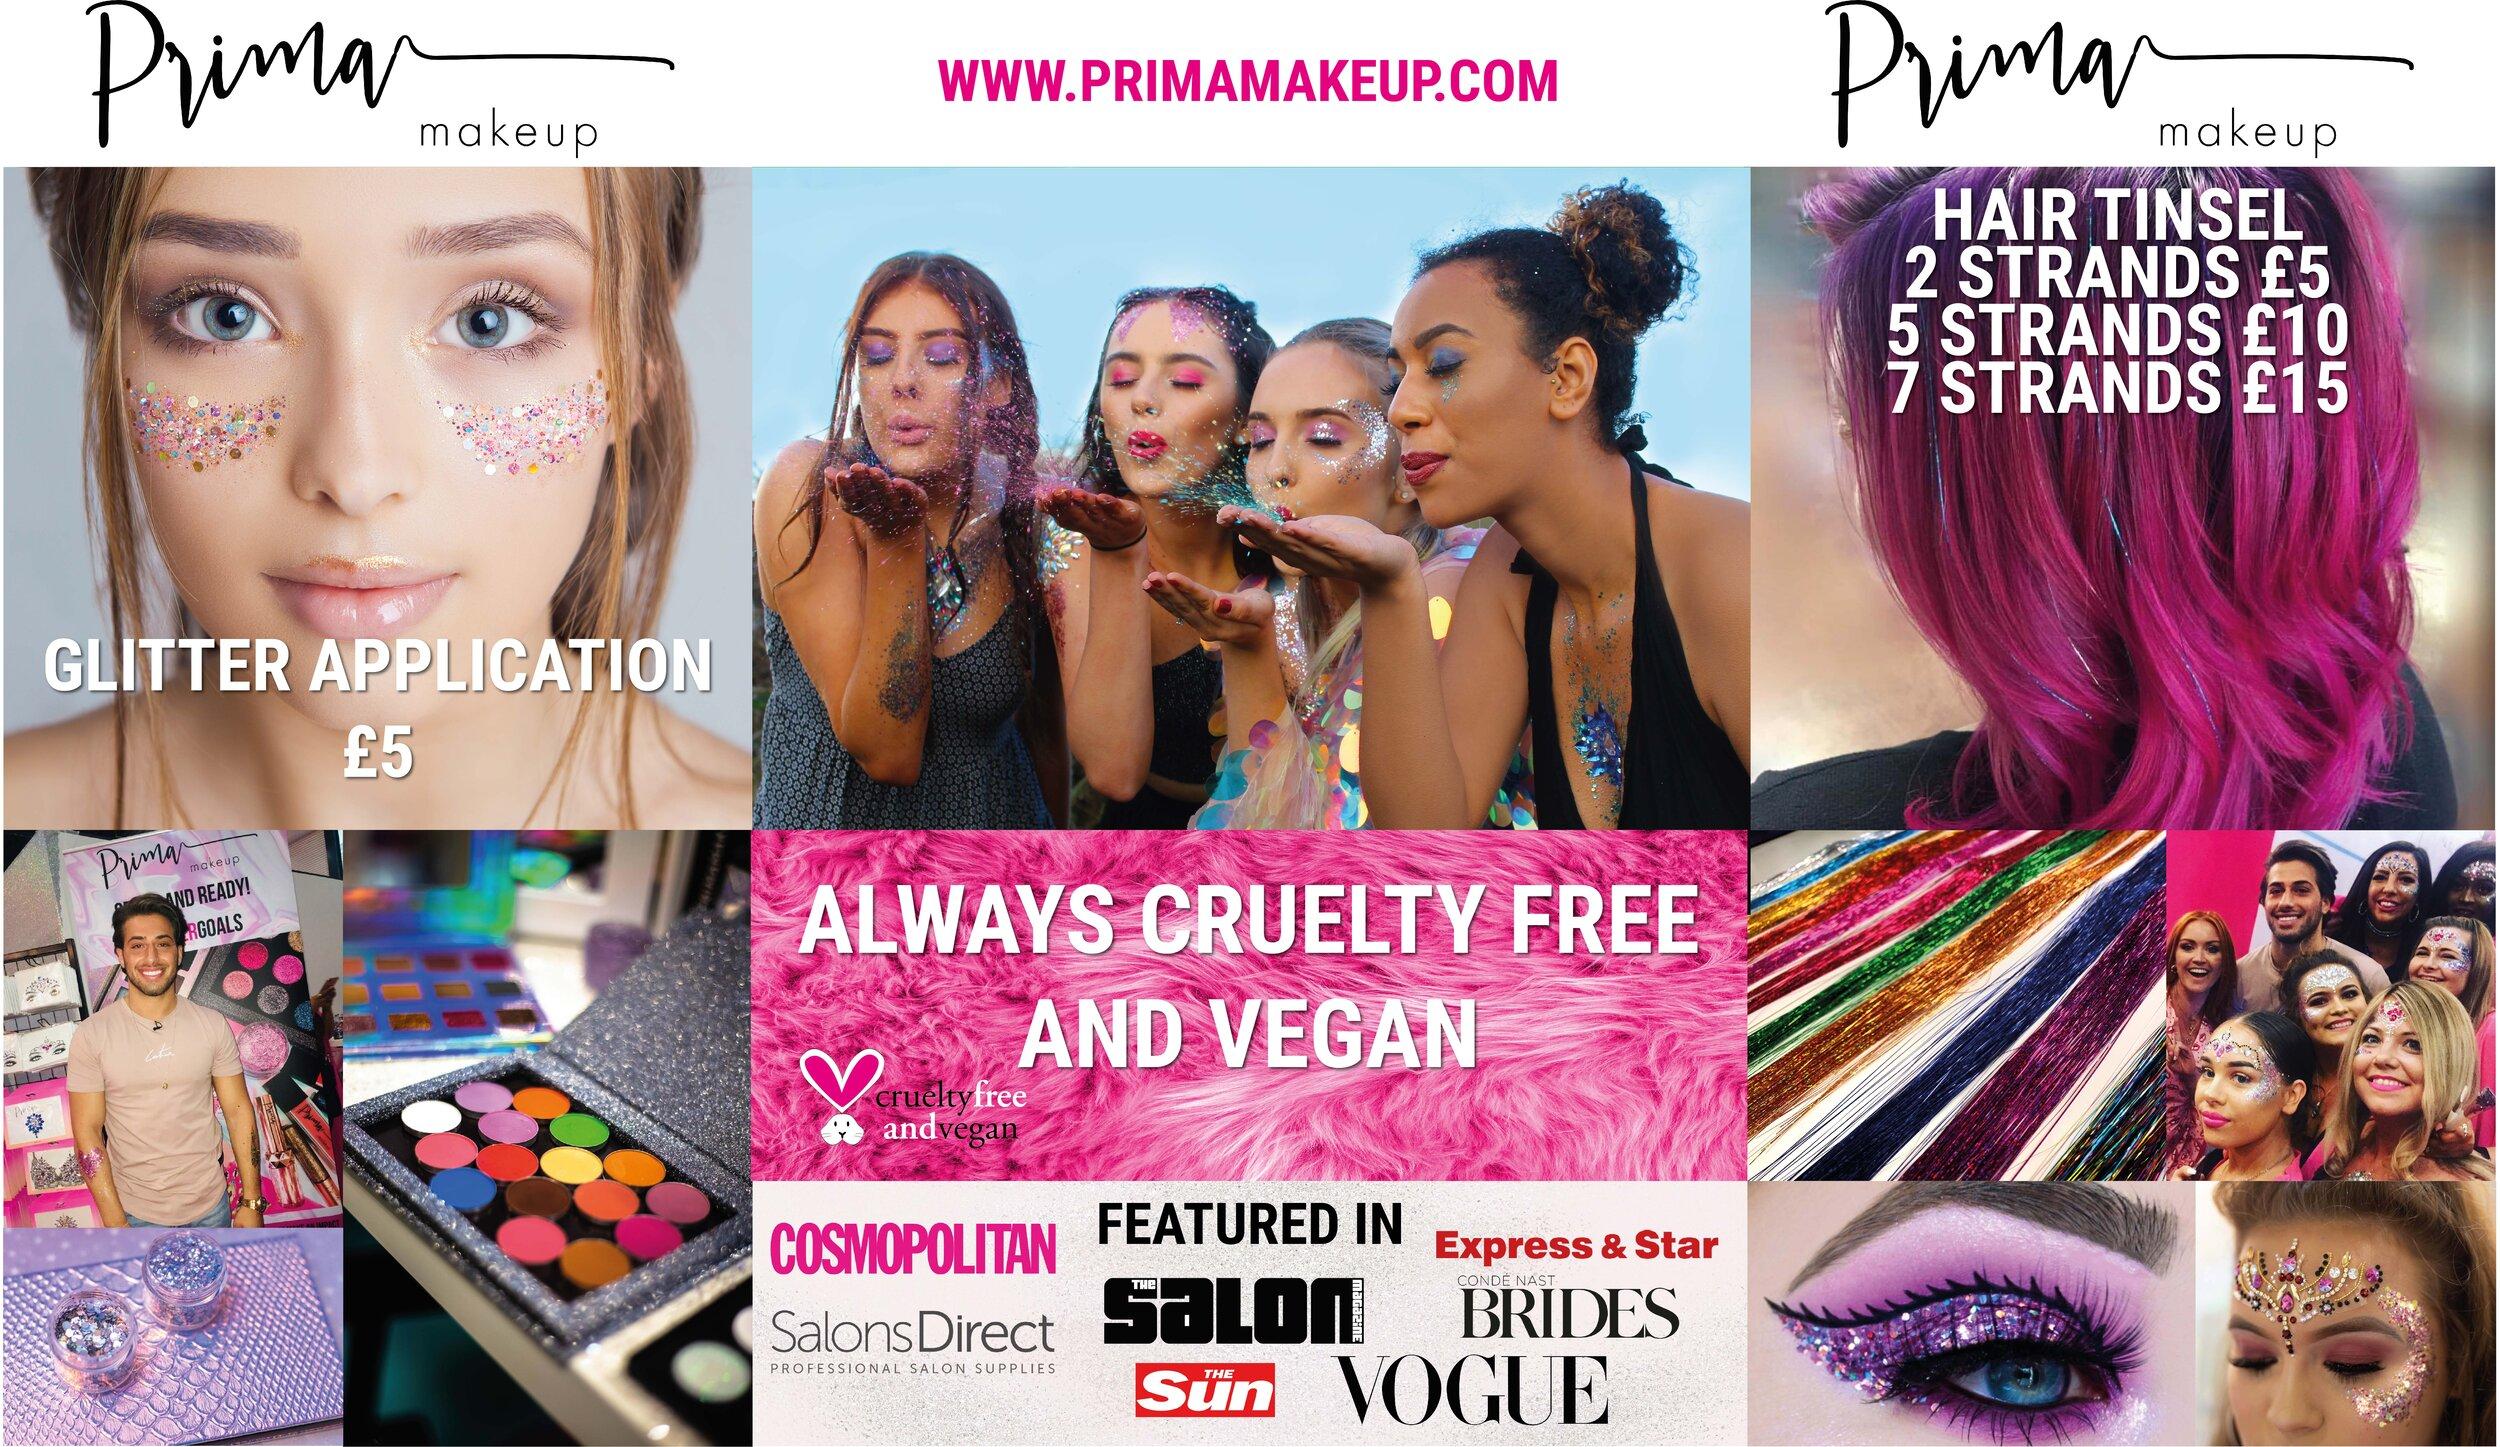 Prima Makeup Rosie Adams Design